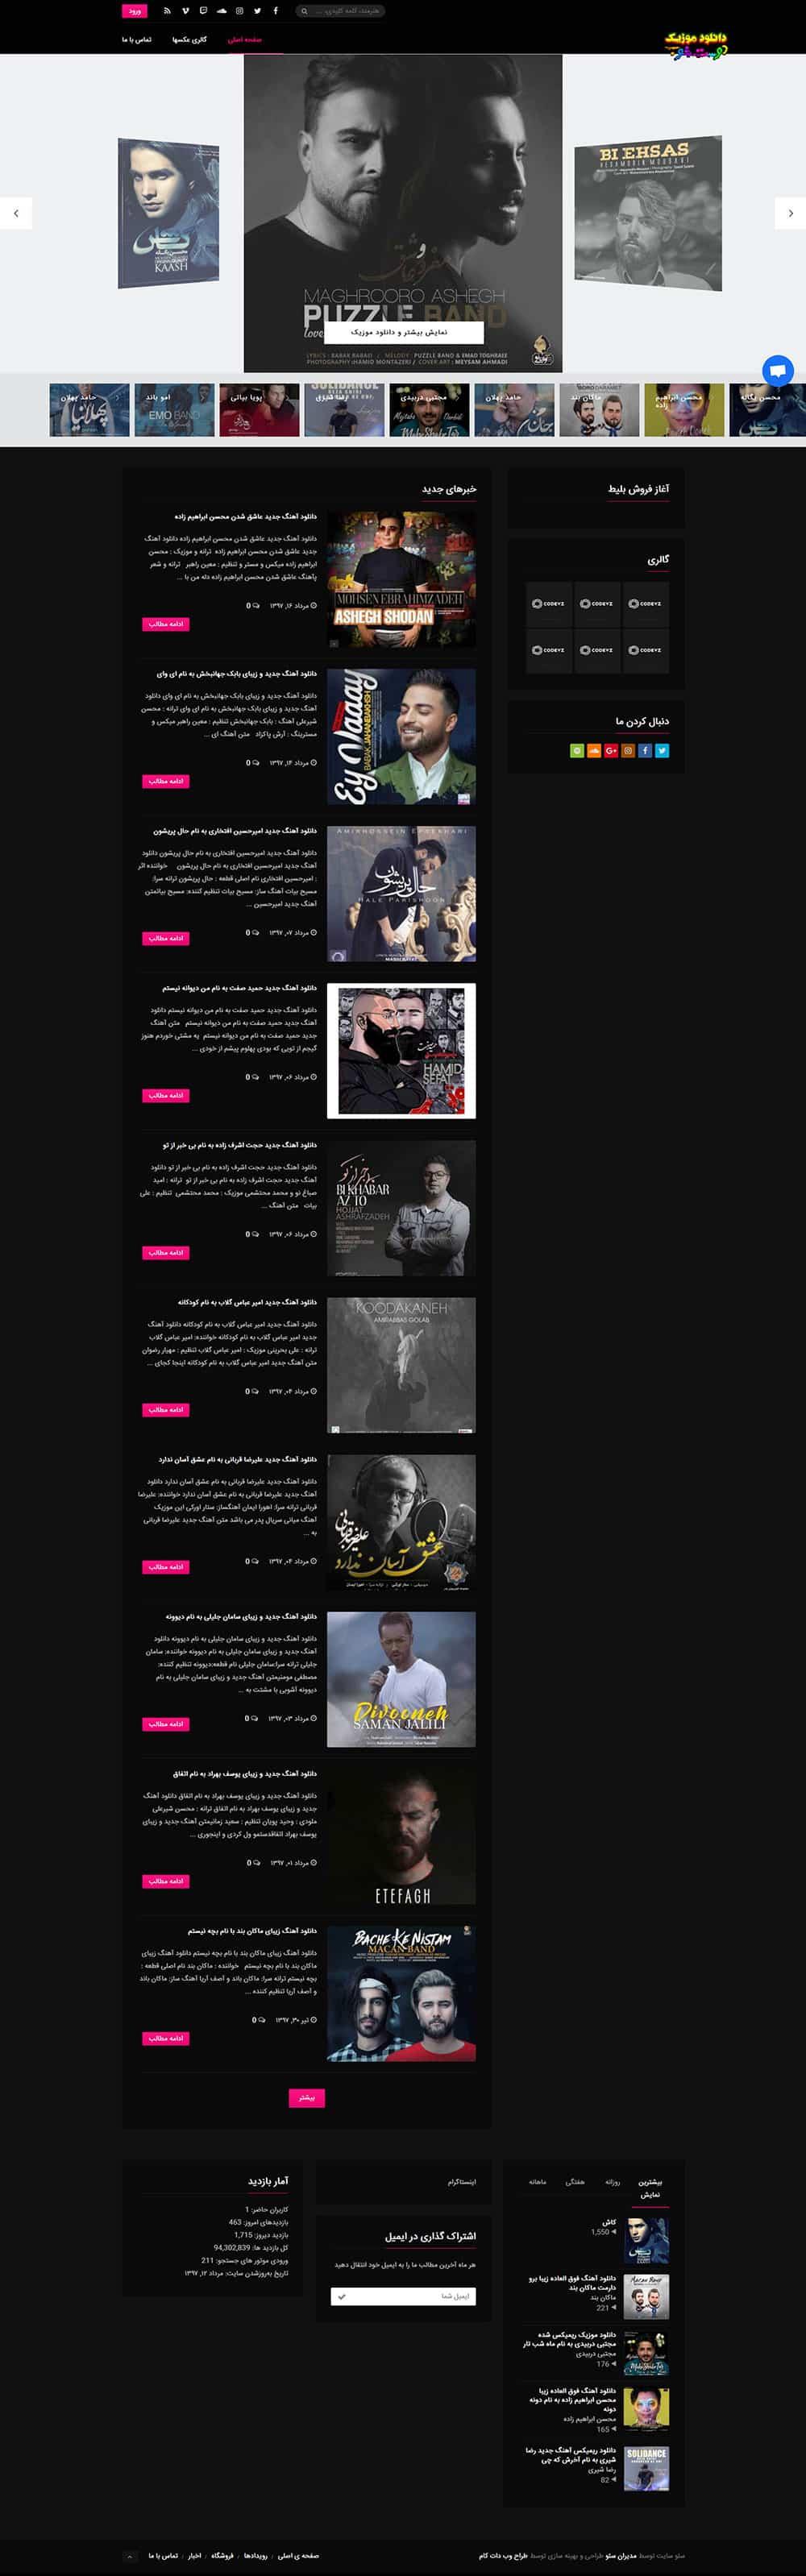 طراحی سایت دانلود موزیک گلچین